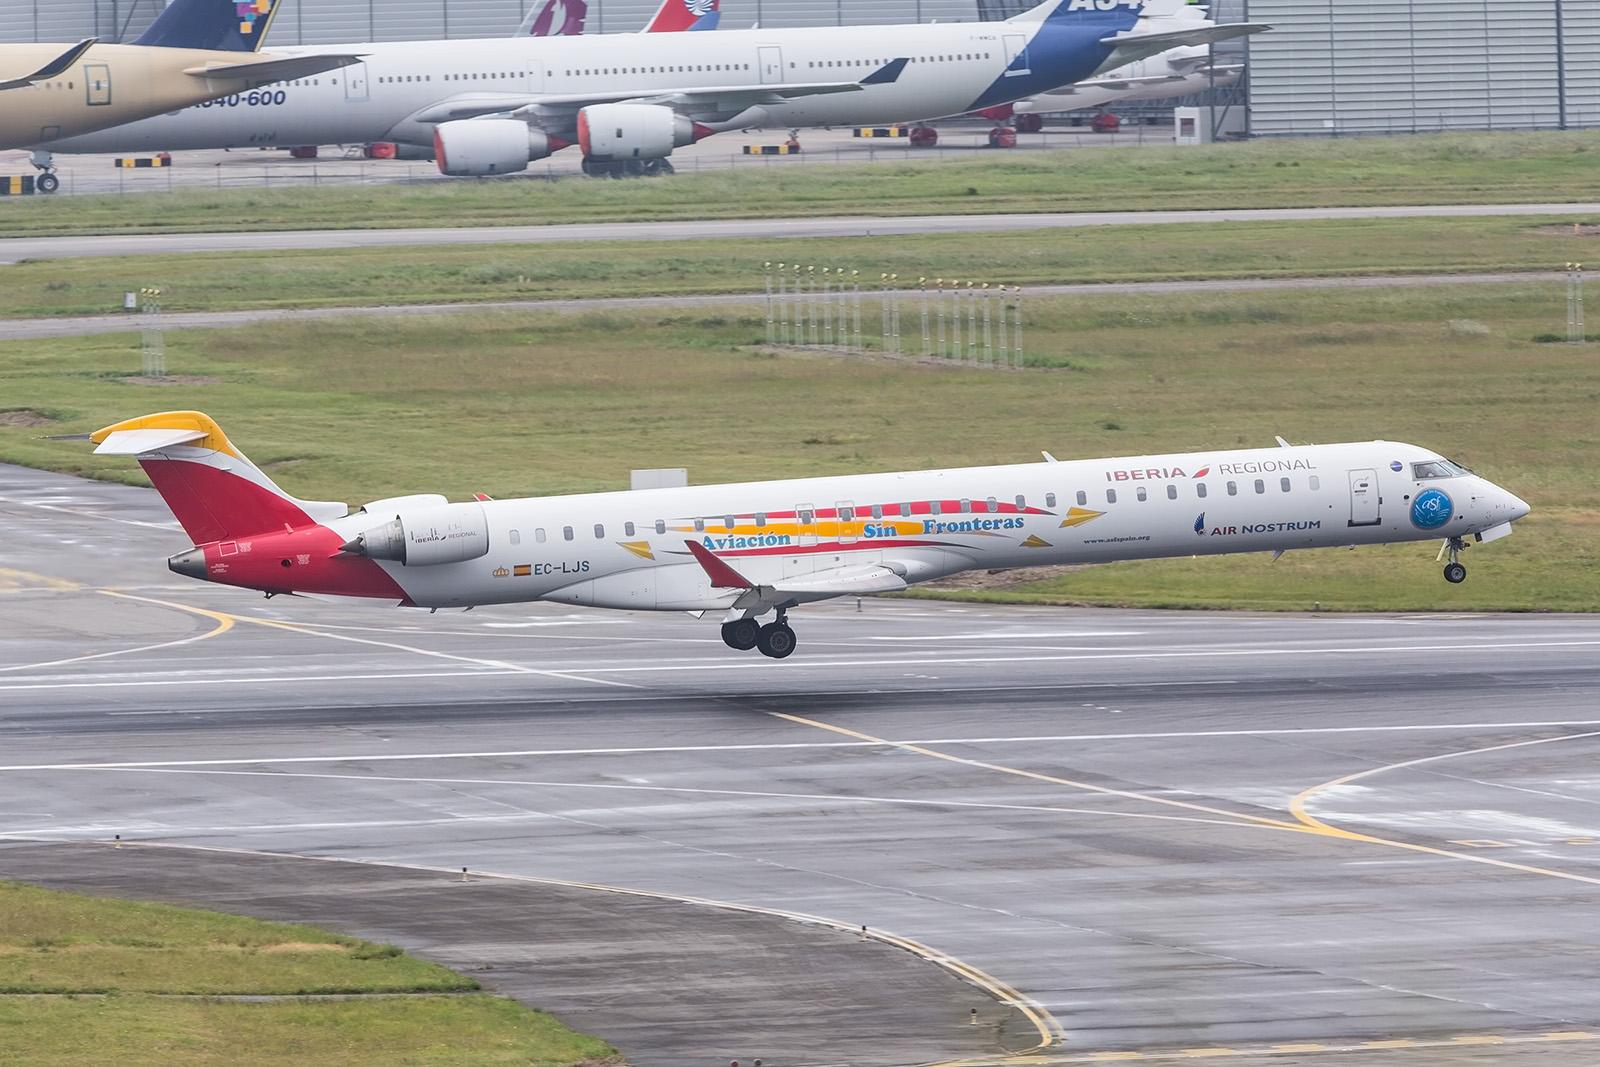 """CRJ-1000 der Air Nostrum mit einer Werbelackierung für """"Luftfahrt ohne Grenzen""""."""